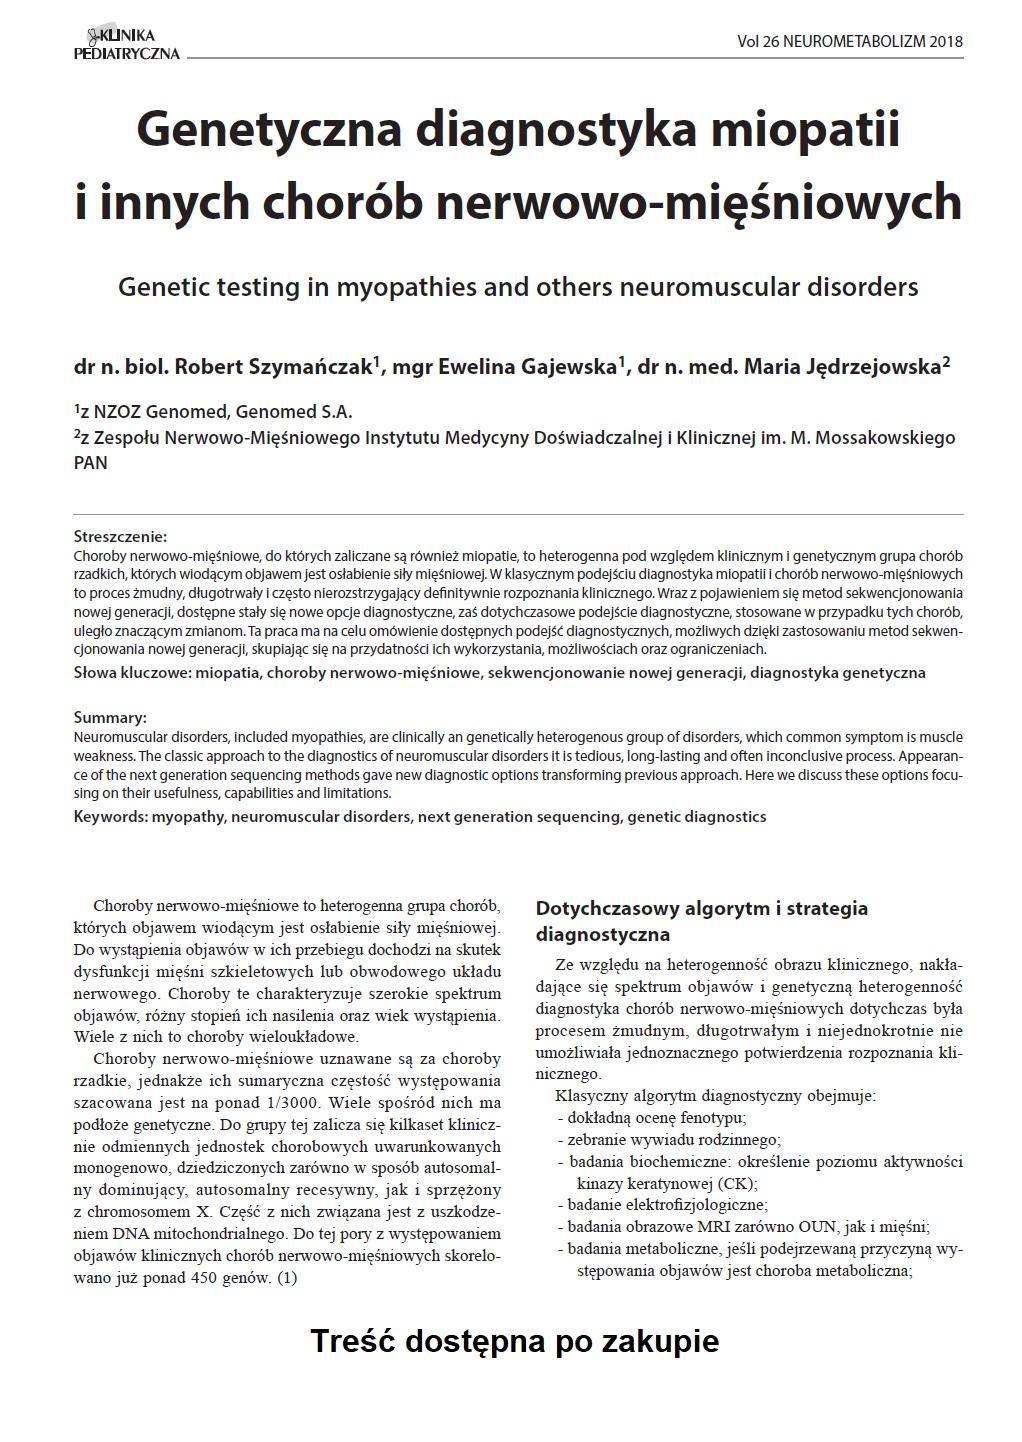 KP Neurometabolizm/2018 Genetyczna diagnostyka miopatii i innych chorób nerwowo-mięśniowych